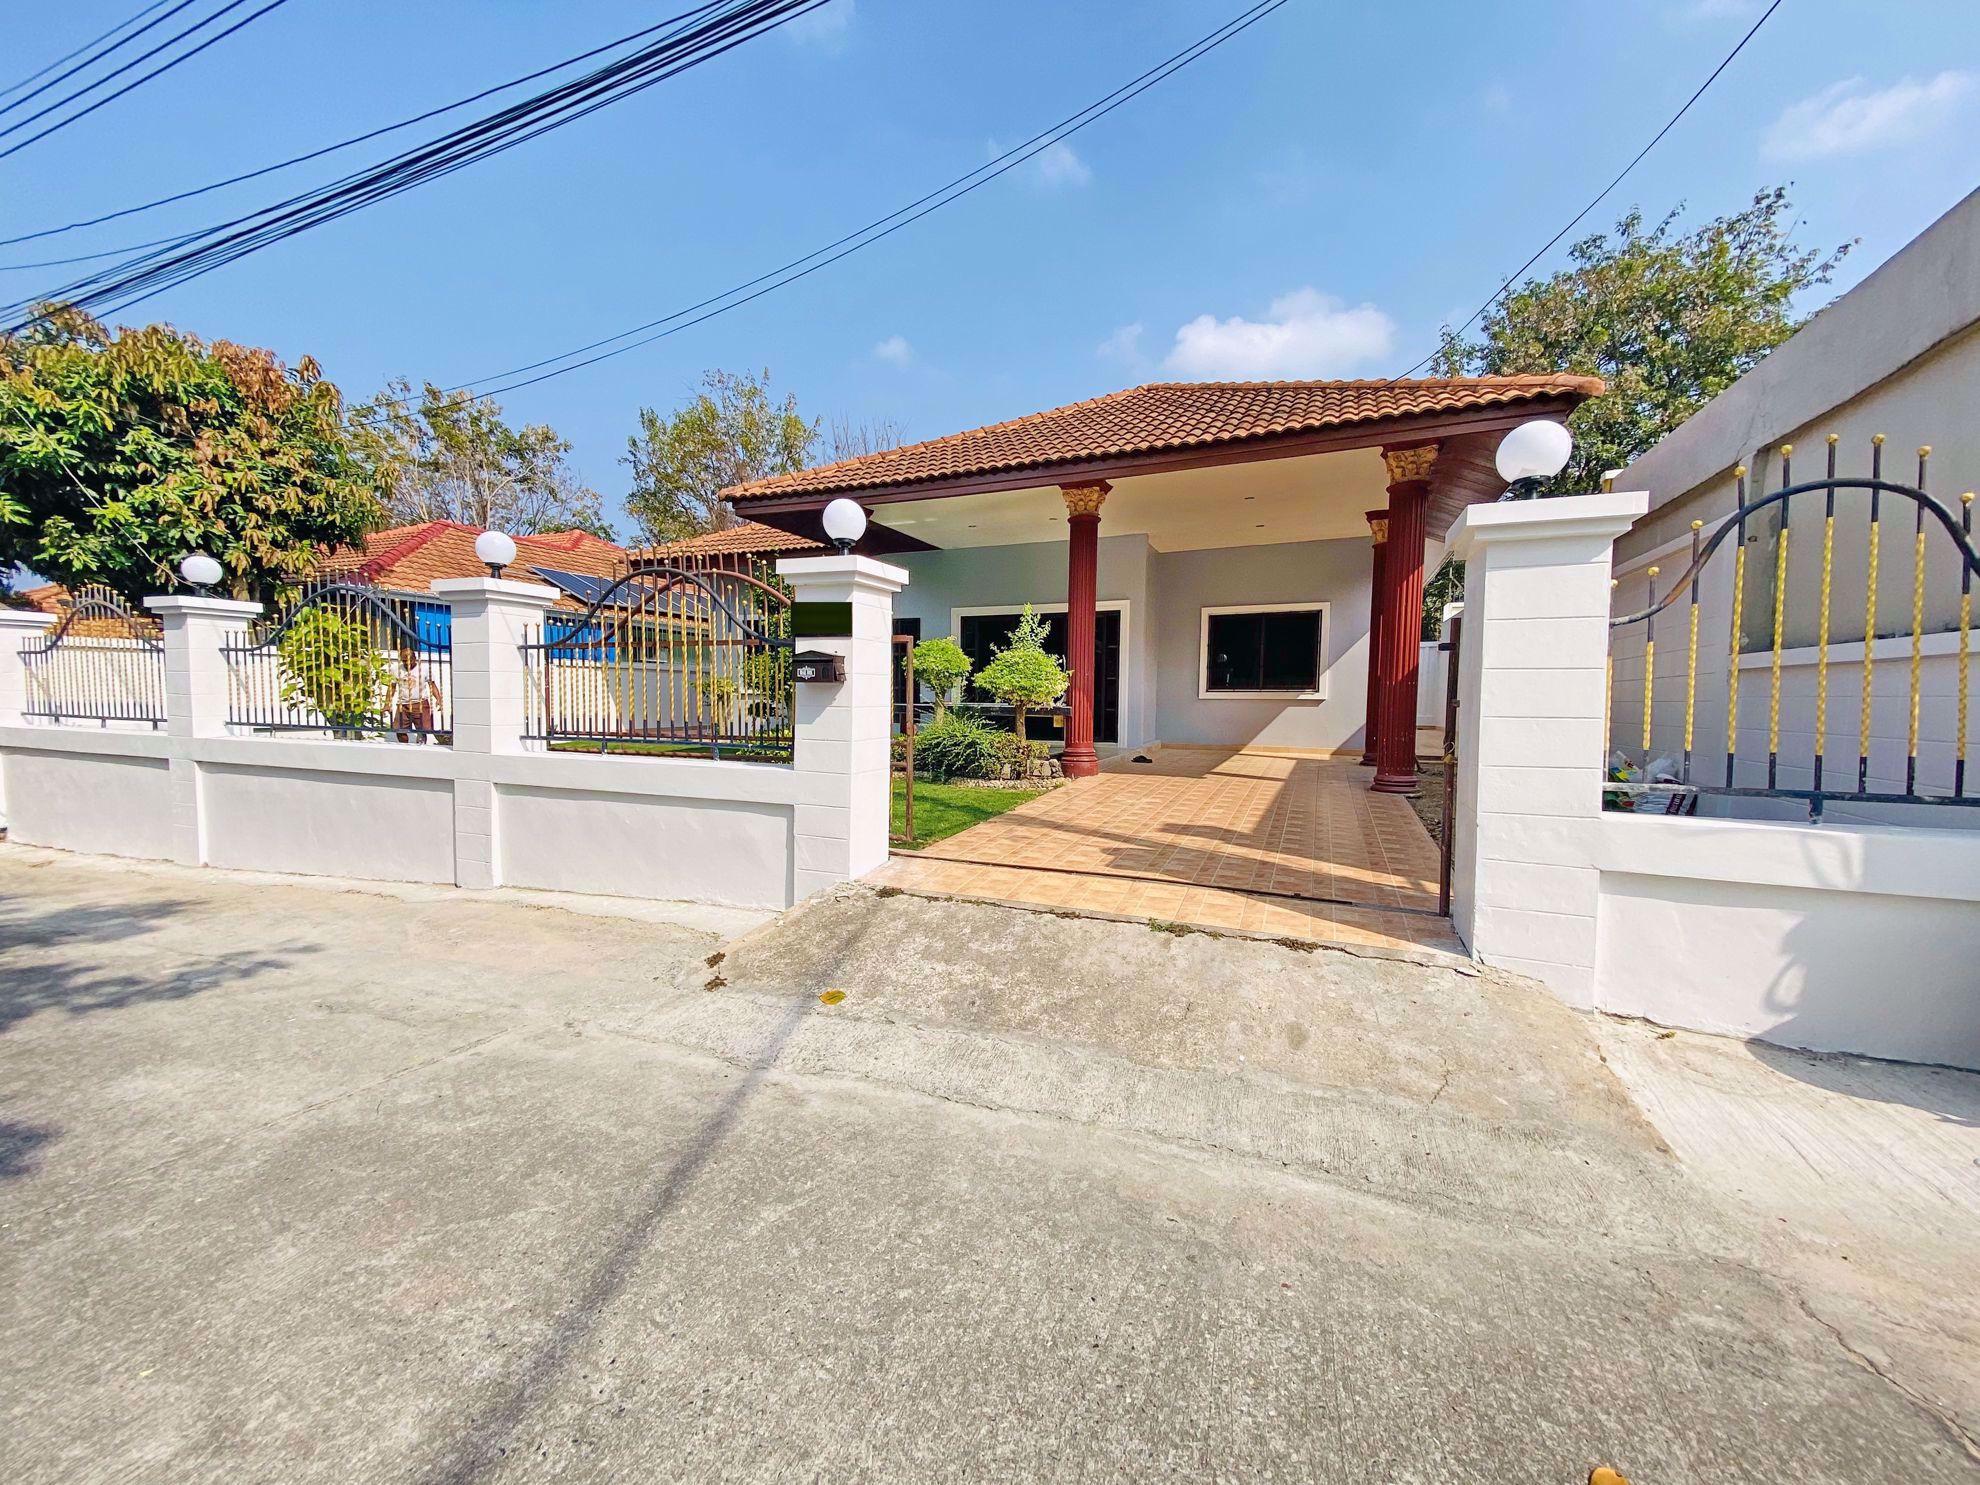 图片 3 Bedrooms bed in House in Eakmongkol 4 in East Pattaya H009096